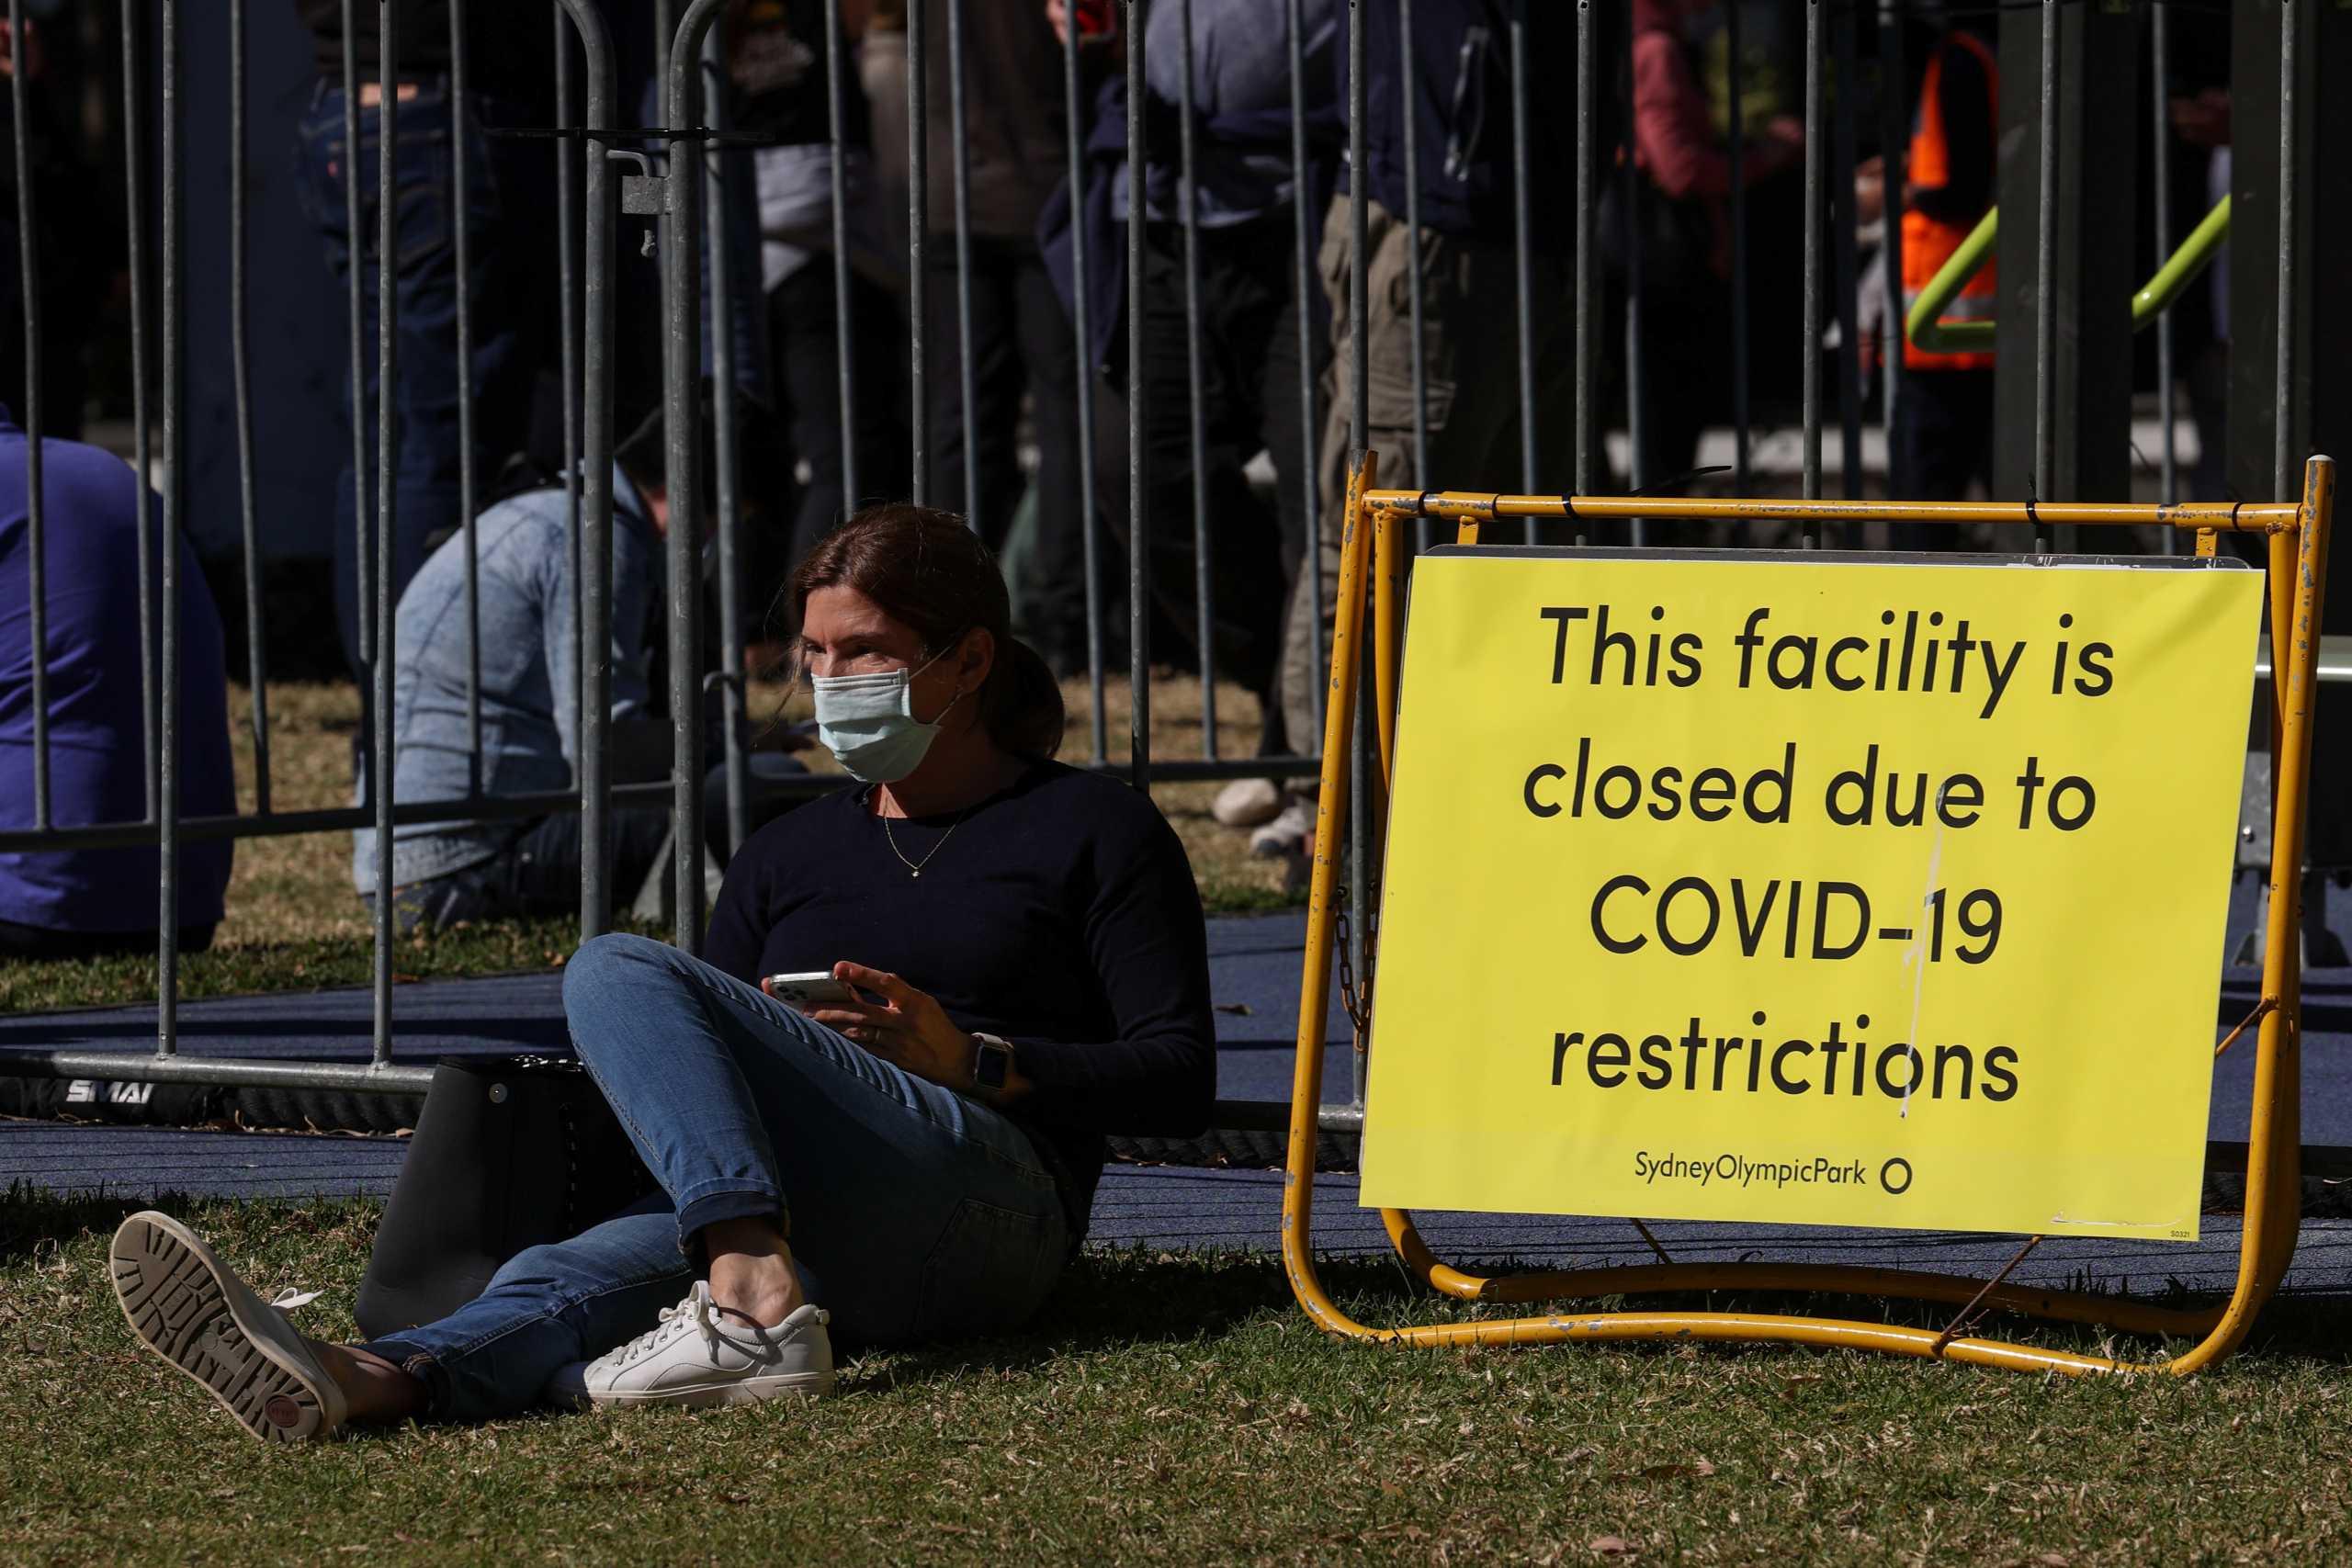 Κορονοϊός – Αυστραλία: Καταγράφηκε η πιο πολύνεκρη ημέρα στο Σίδνεϊ – Αυστηρό lockdown και οδοφράγματα